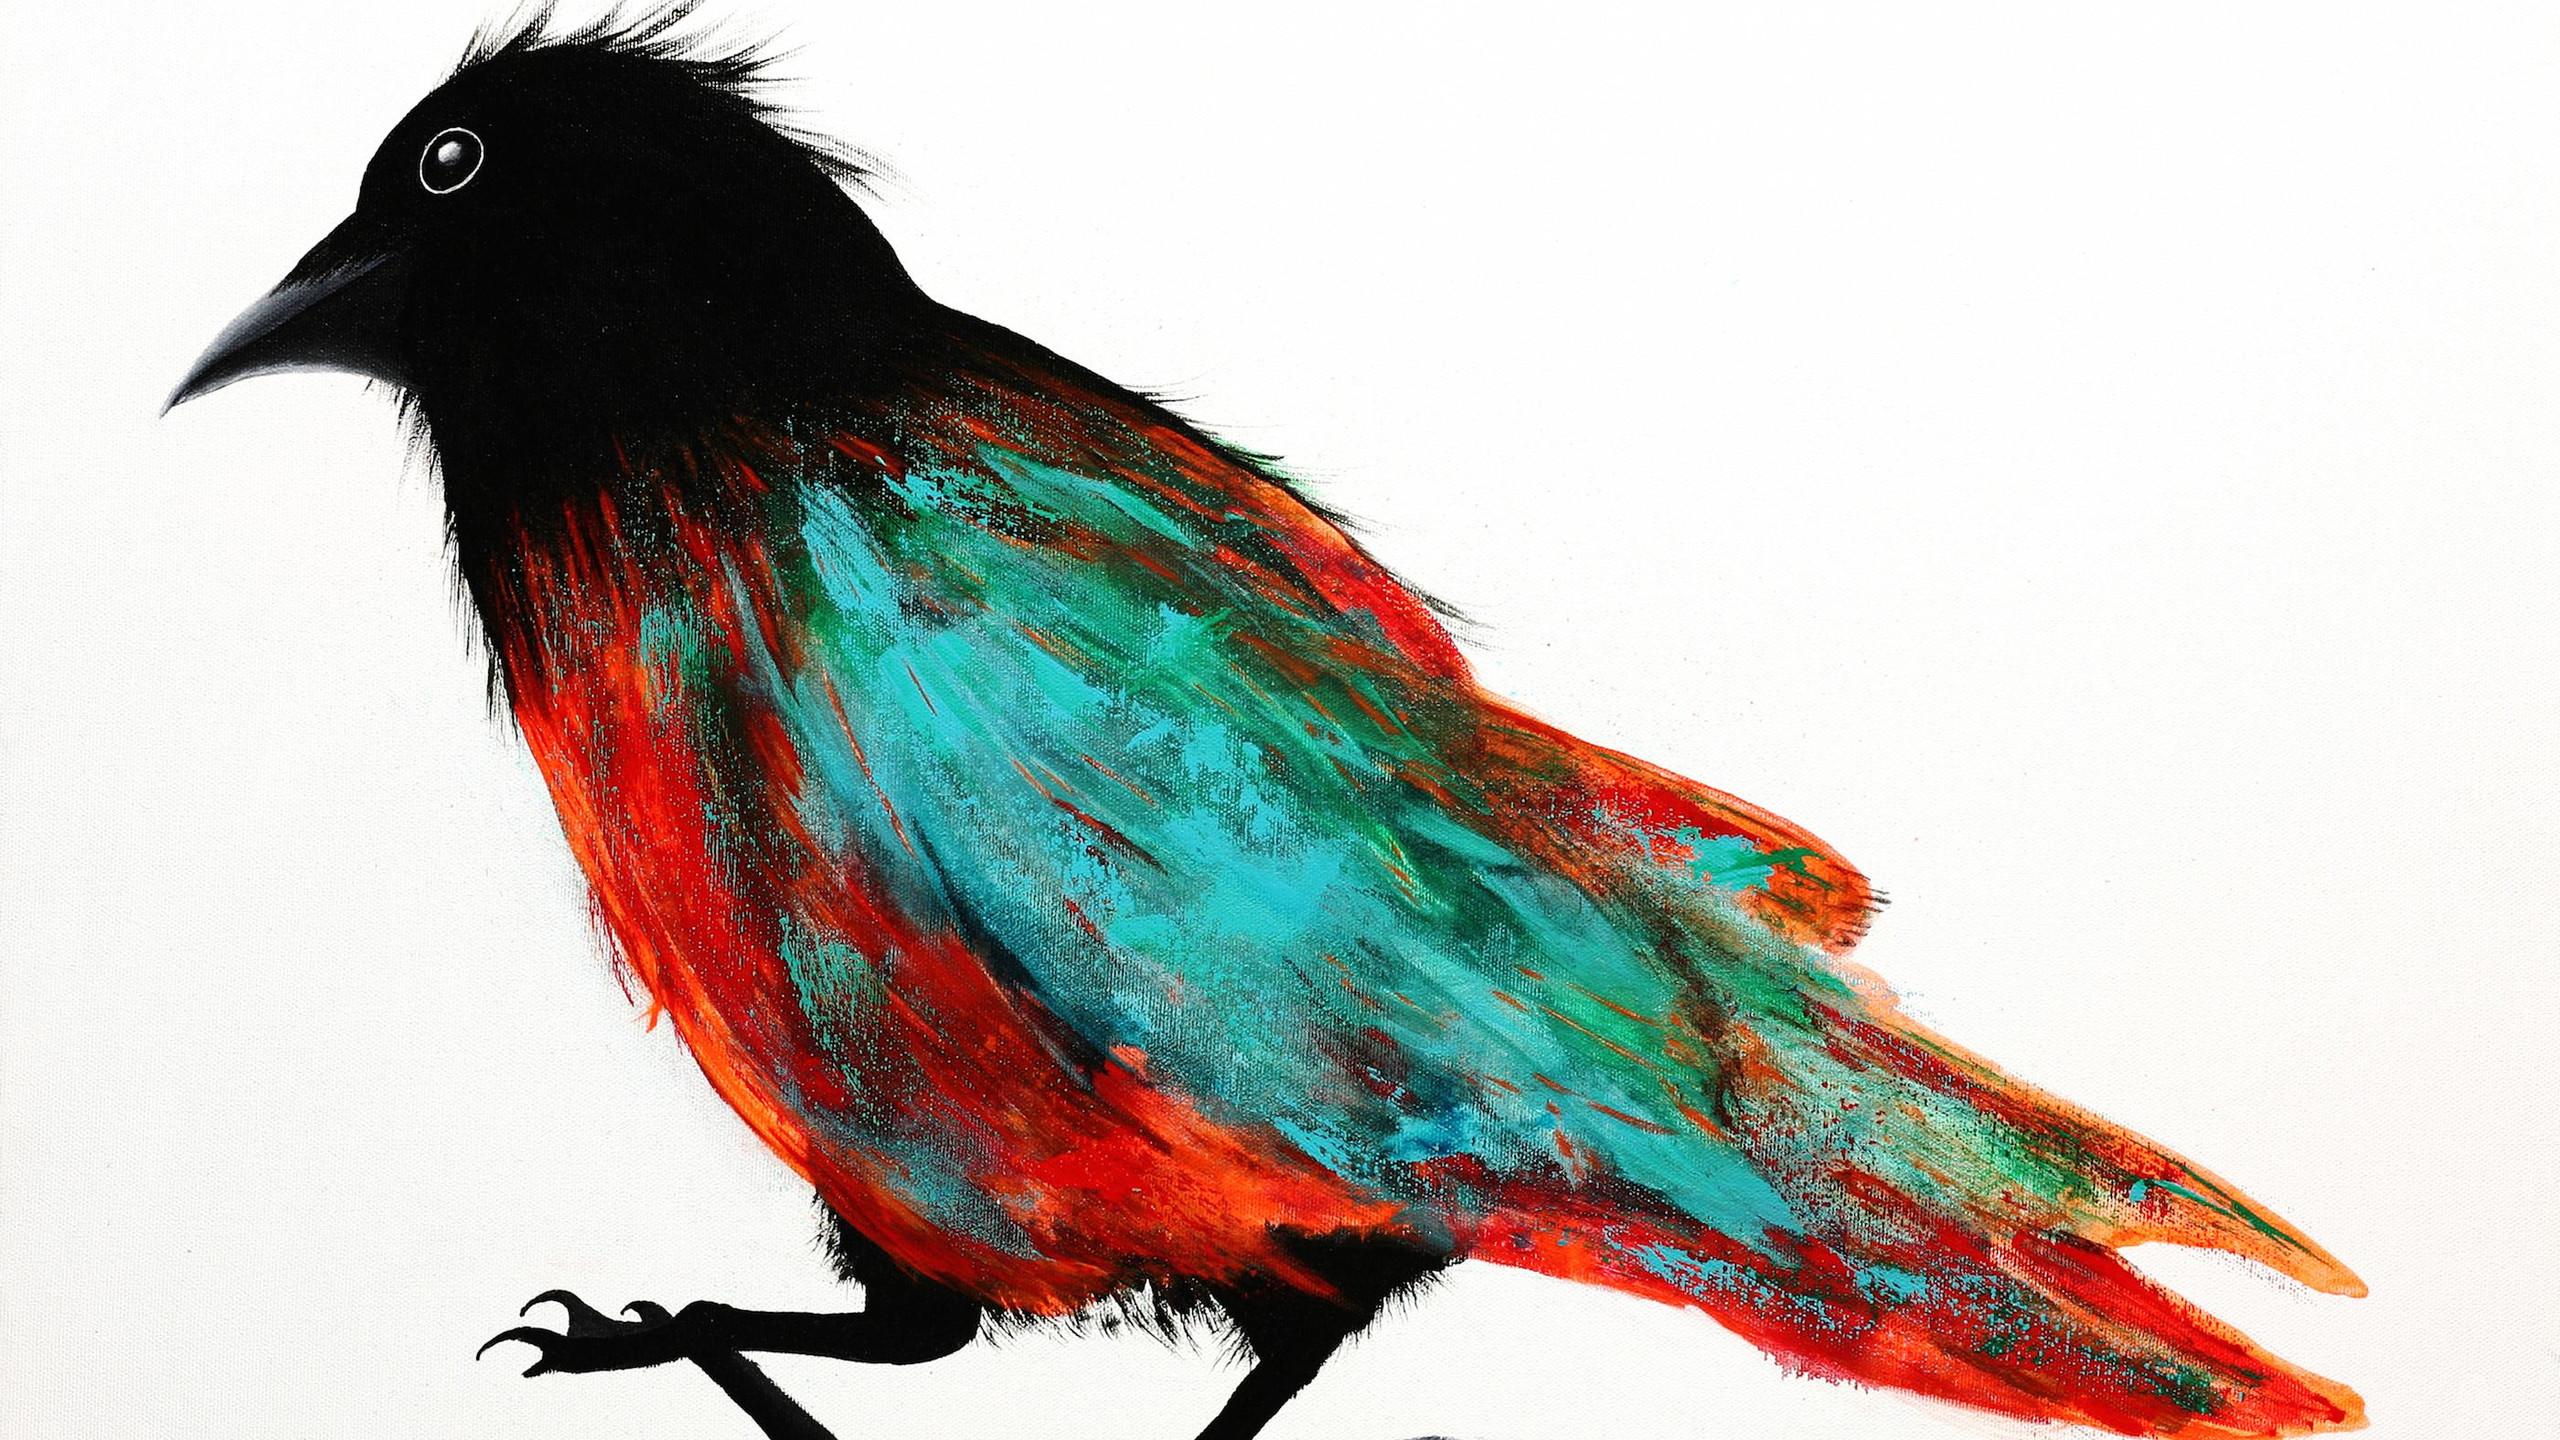 Giesbrecht, Joanne - Birds of a Feather